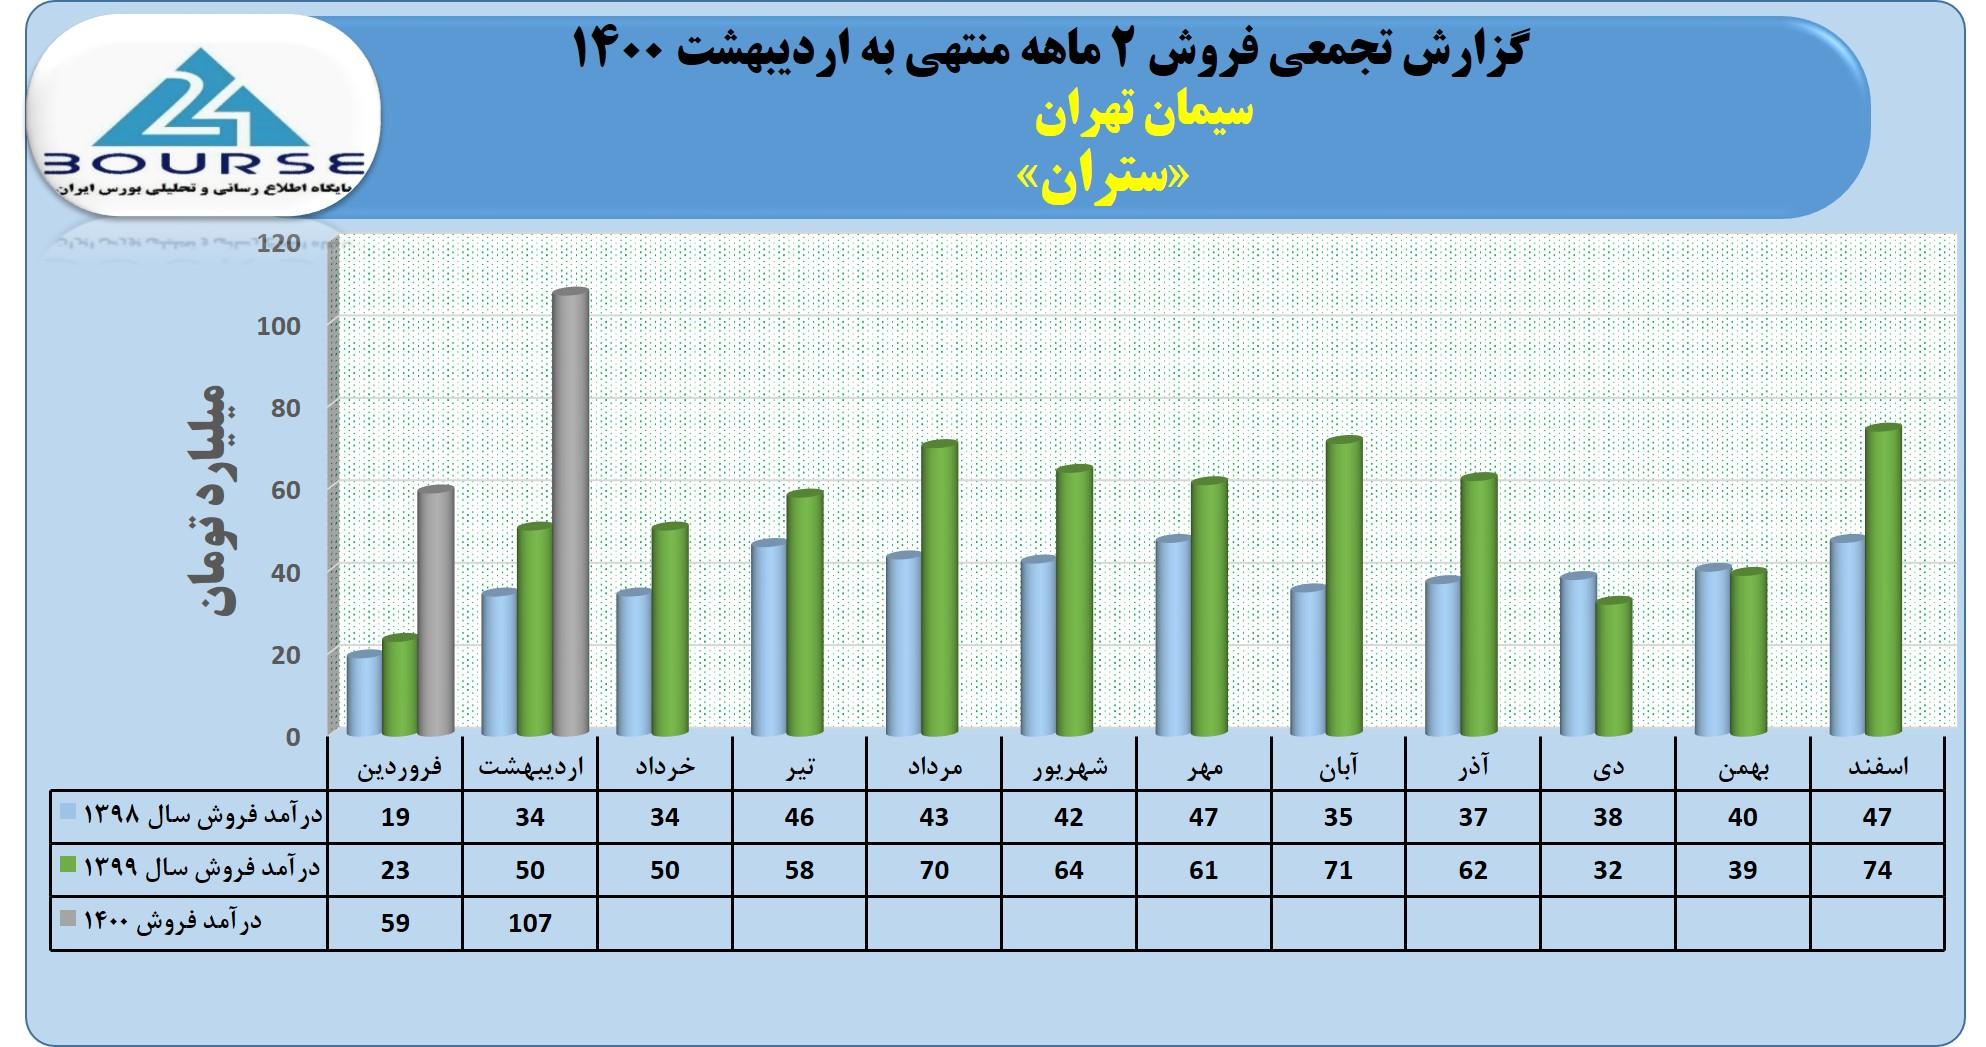 روند درآمد سیمان تهران بررسی شد